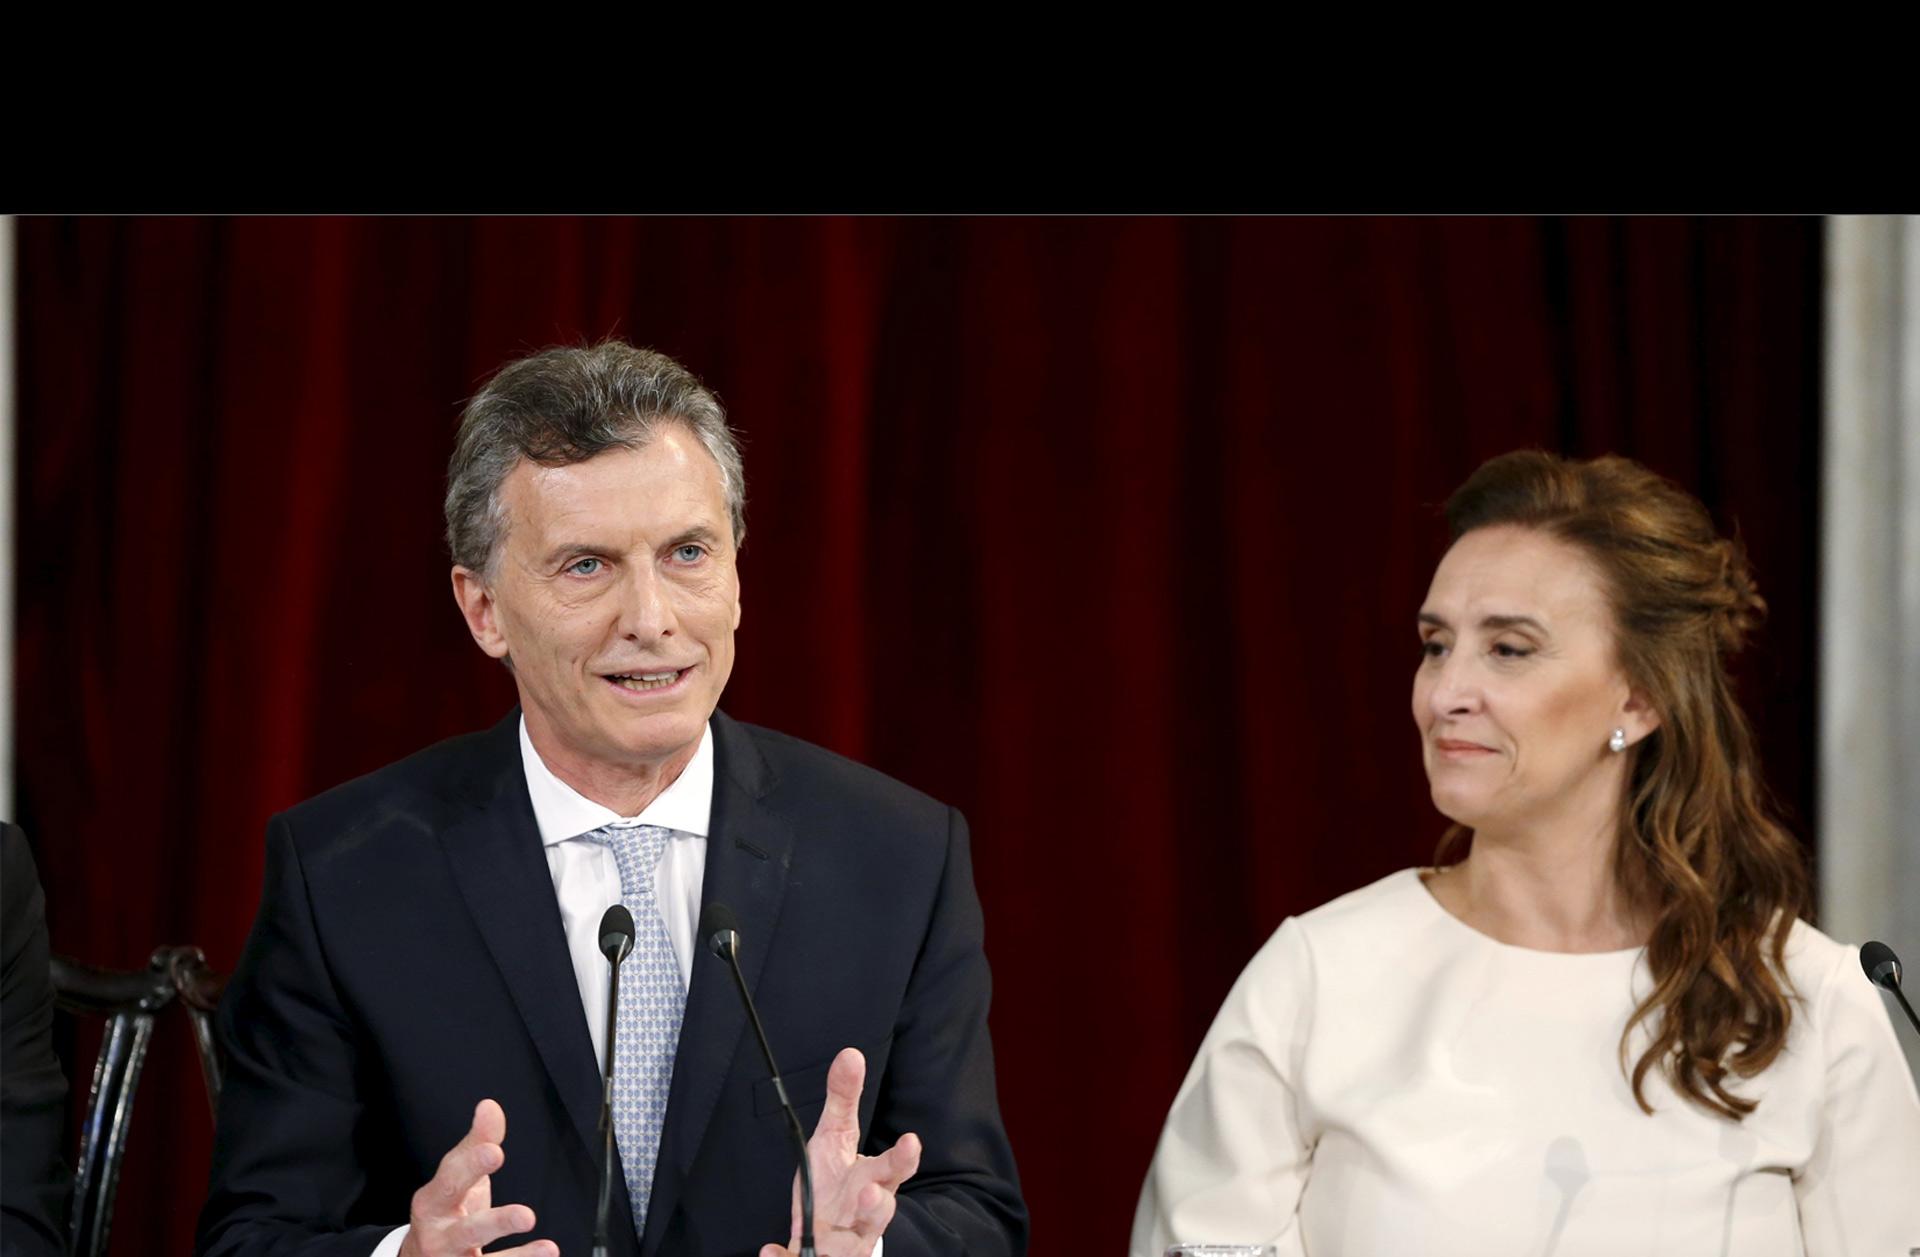 El nuevo presidente de Argentina confirmó la reducción de los aranceles cumpliendo una de sus promesas de campaña